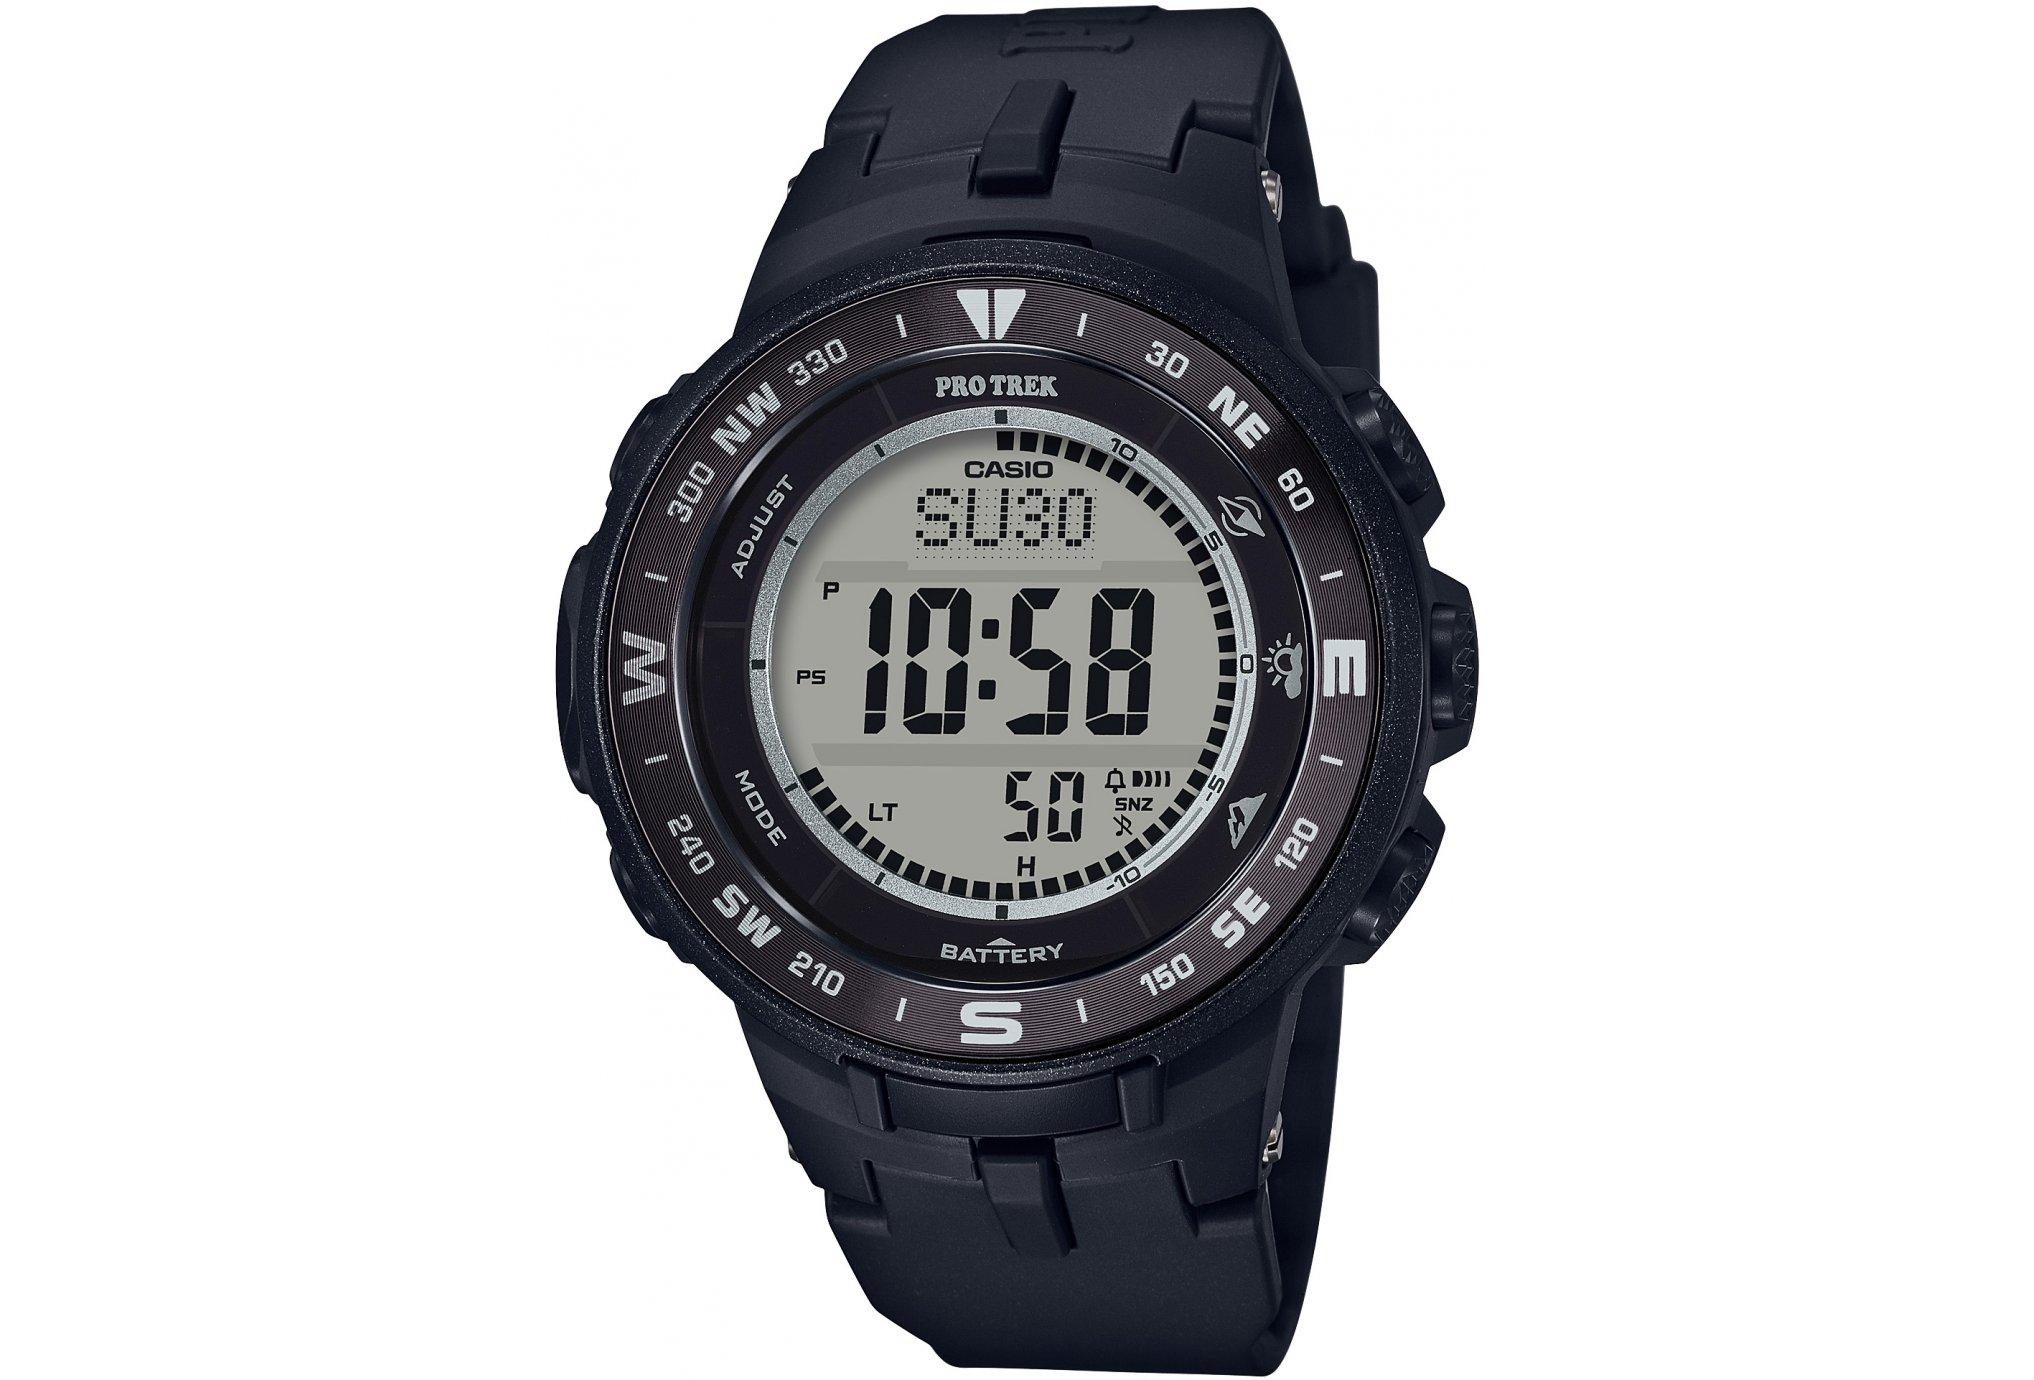 Casio Pro trek prg-330 montres de sport